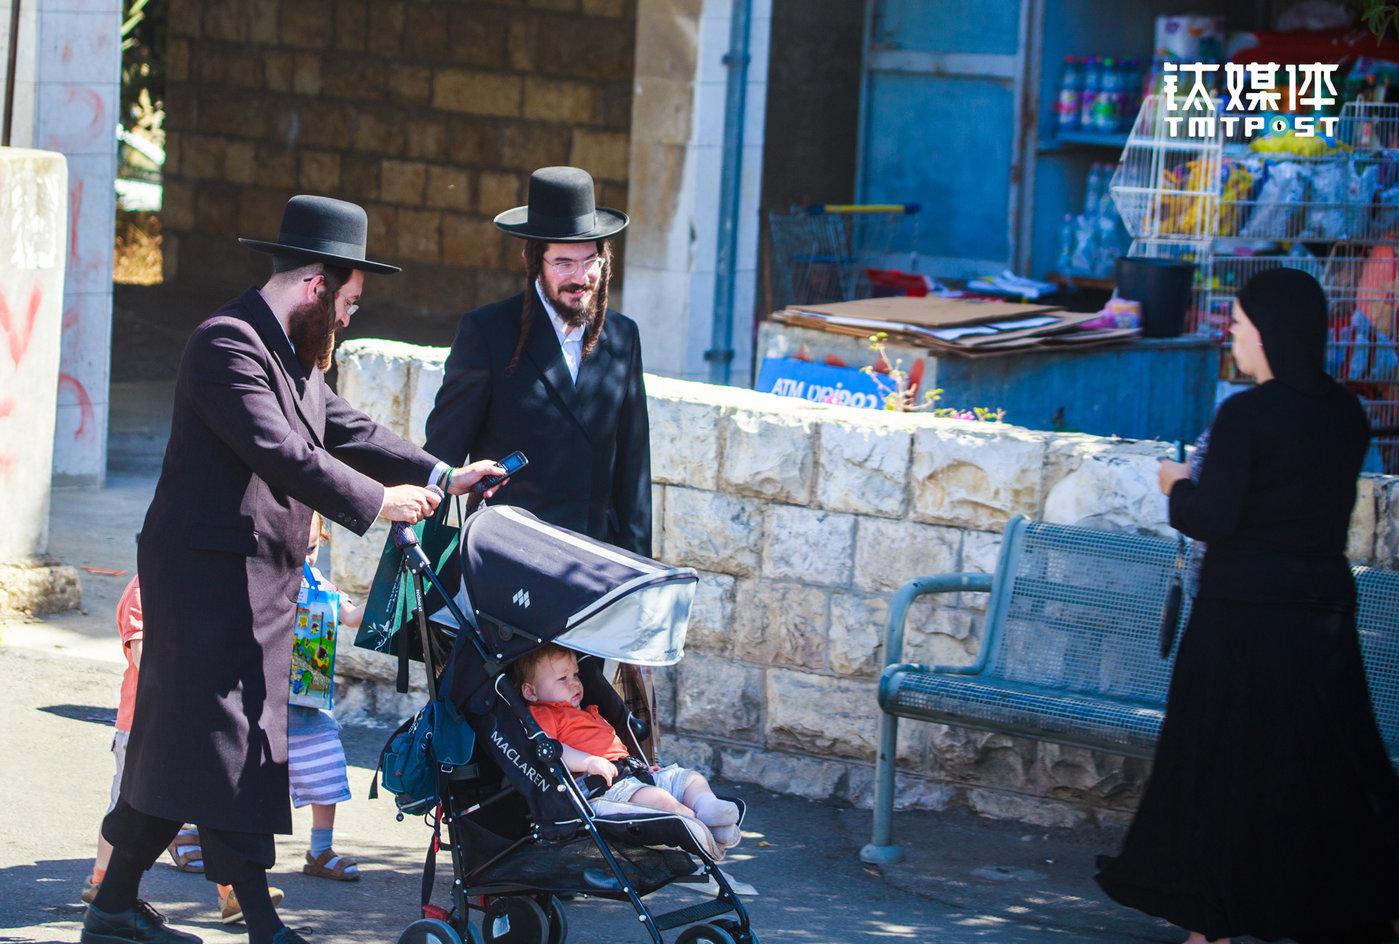 两位身穿黑色正装、礼帽的正统犹太信徒与一位穆斯林妇女擦肩而过。耶路撒冷作为犹太教、基督教和伊斯兰教的三教圣地,融合三教信徒在这里共同生活。(图/朱玲玉)